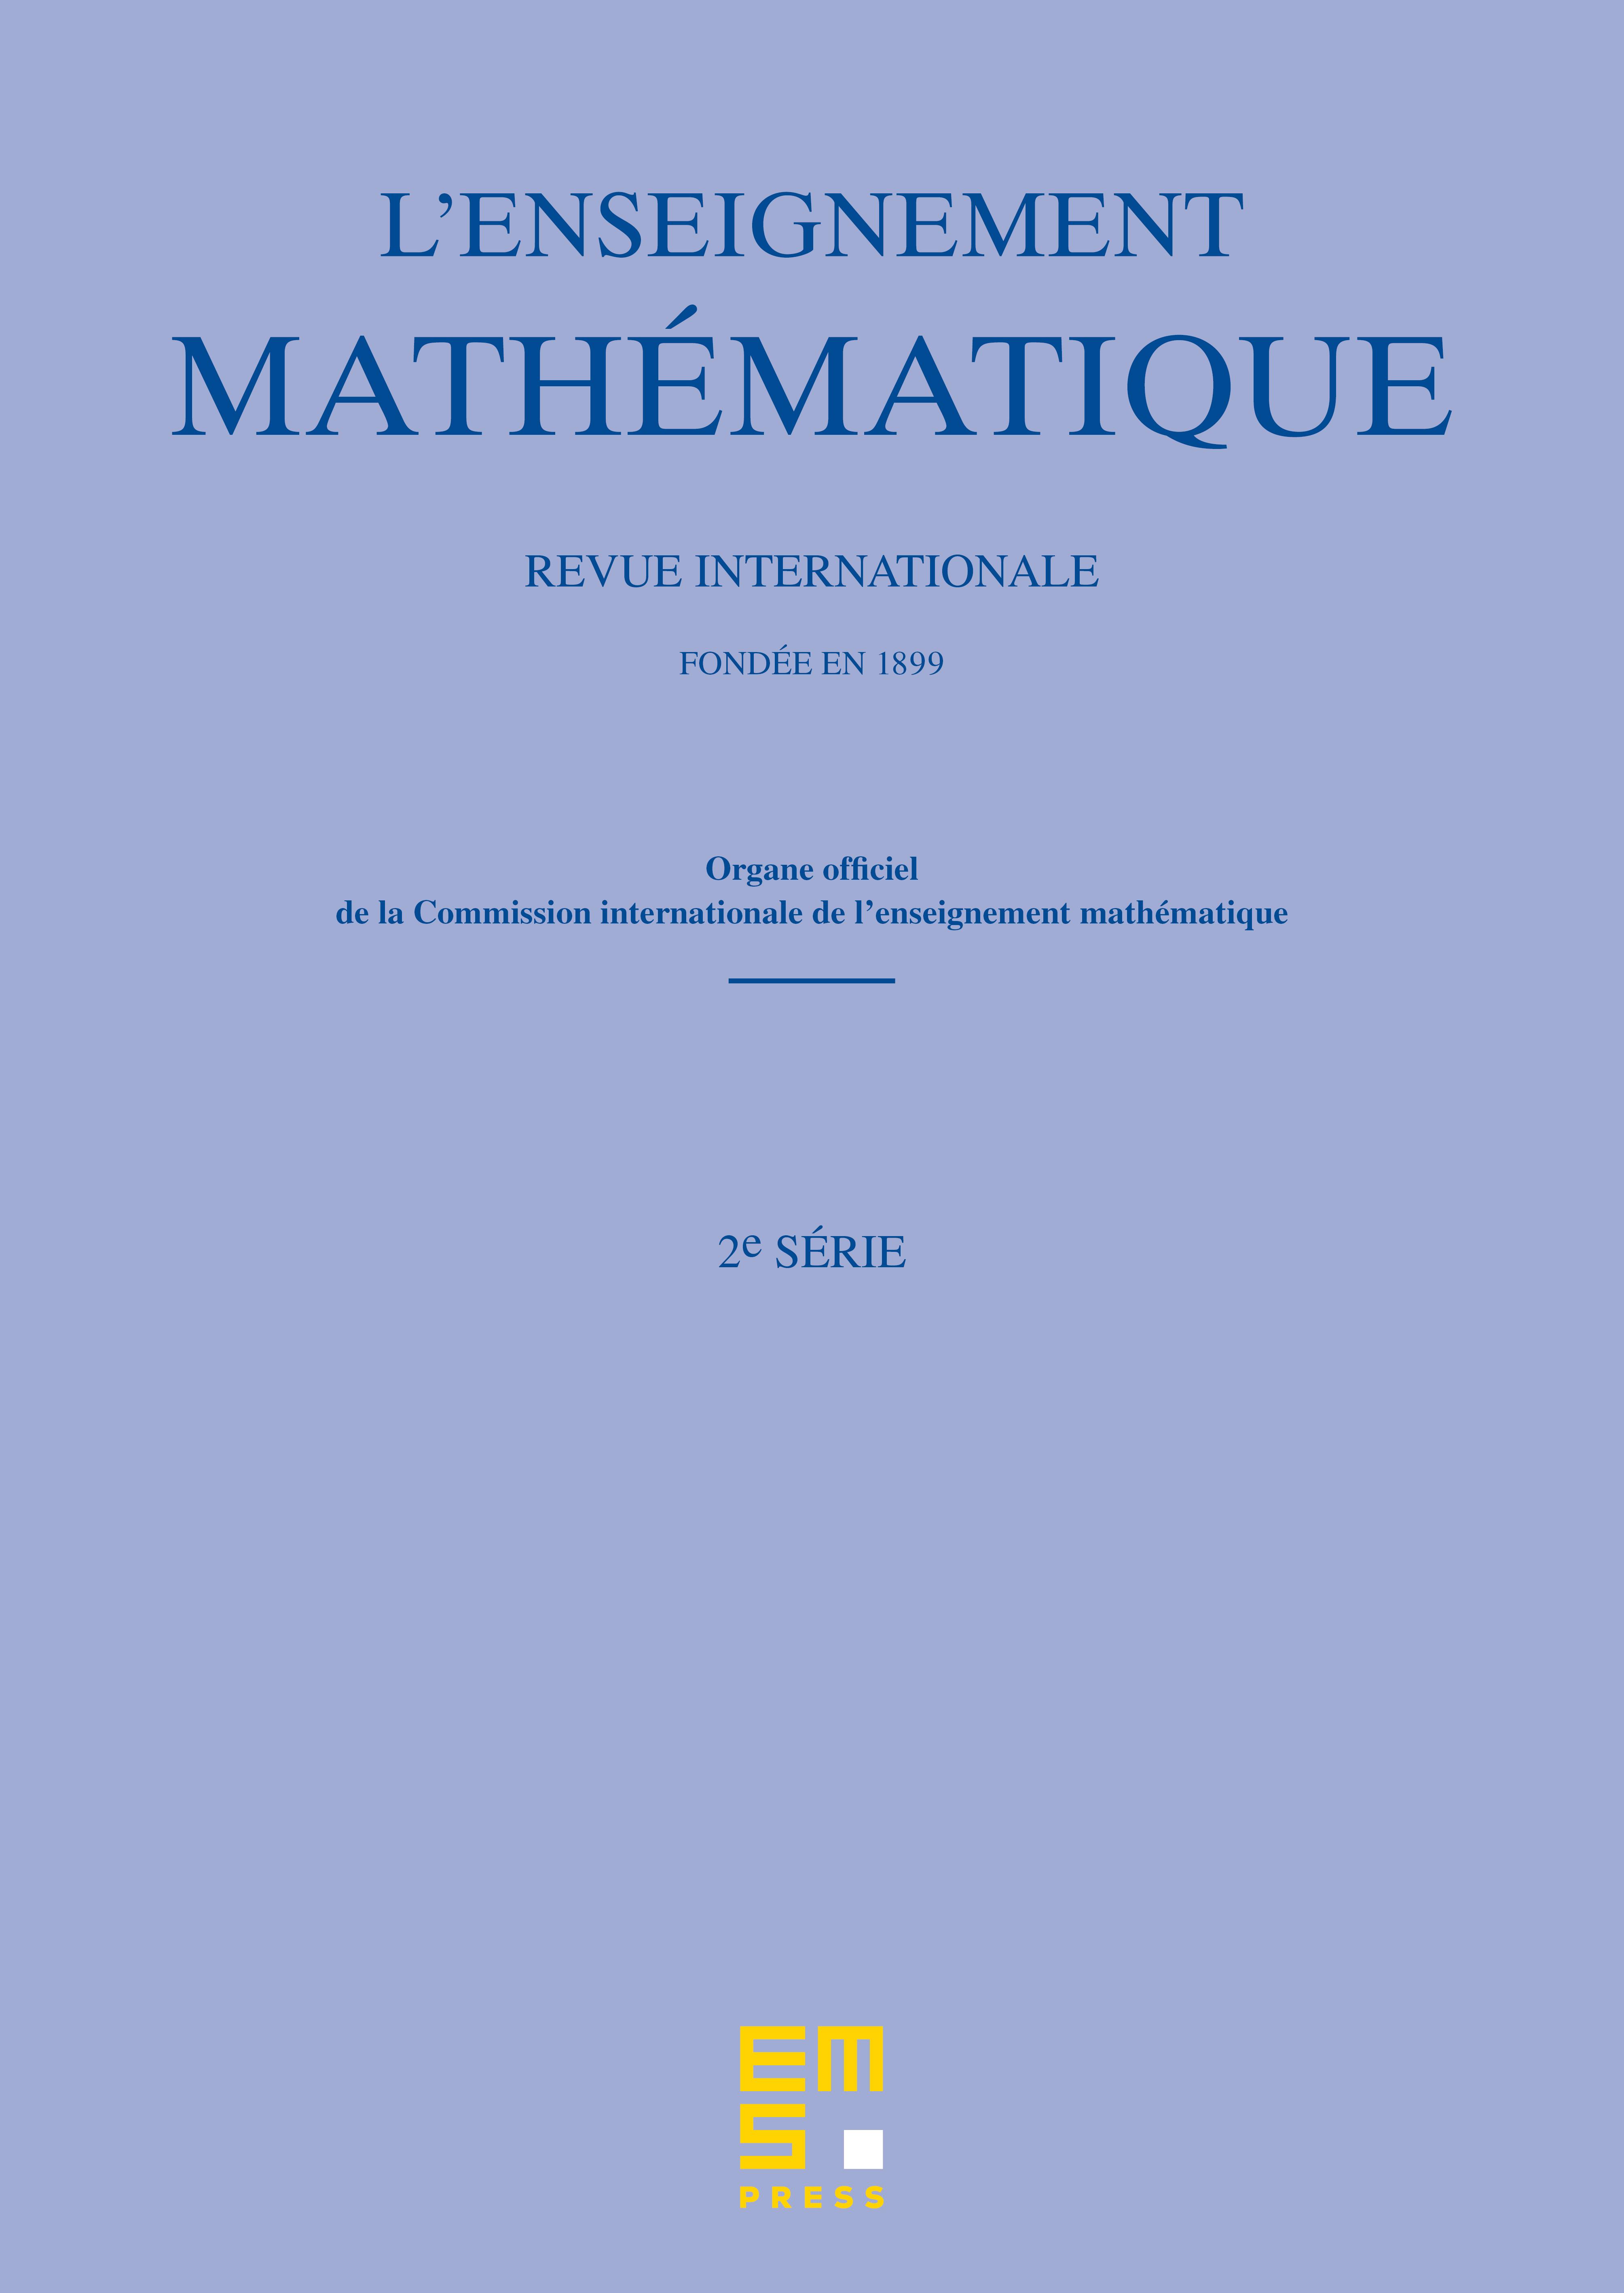 L'Enseignement Mathématique cover